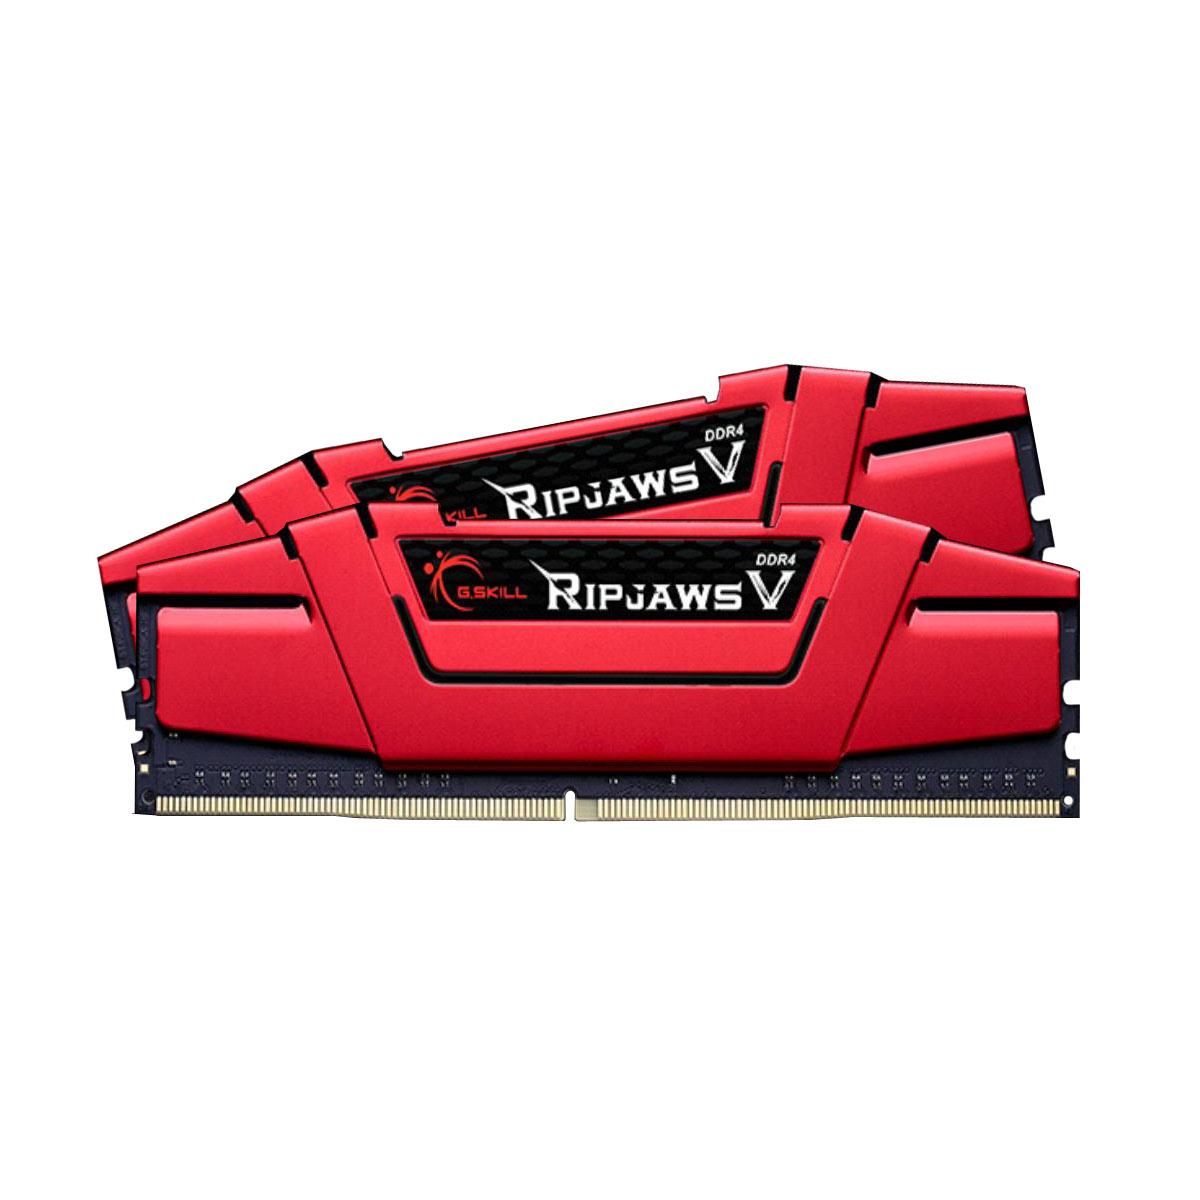 Mémoire PC G.Skill RipJaws 5 Series Rouge 32 Go (2x 16 Go) DDR4 2133 MHz CL15 Kit Dual Channel 2 barrettes de RAM DDR4 PC4-17000 - F4-2133C15D-32GVR